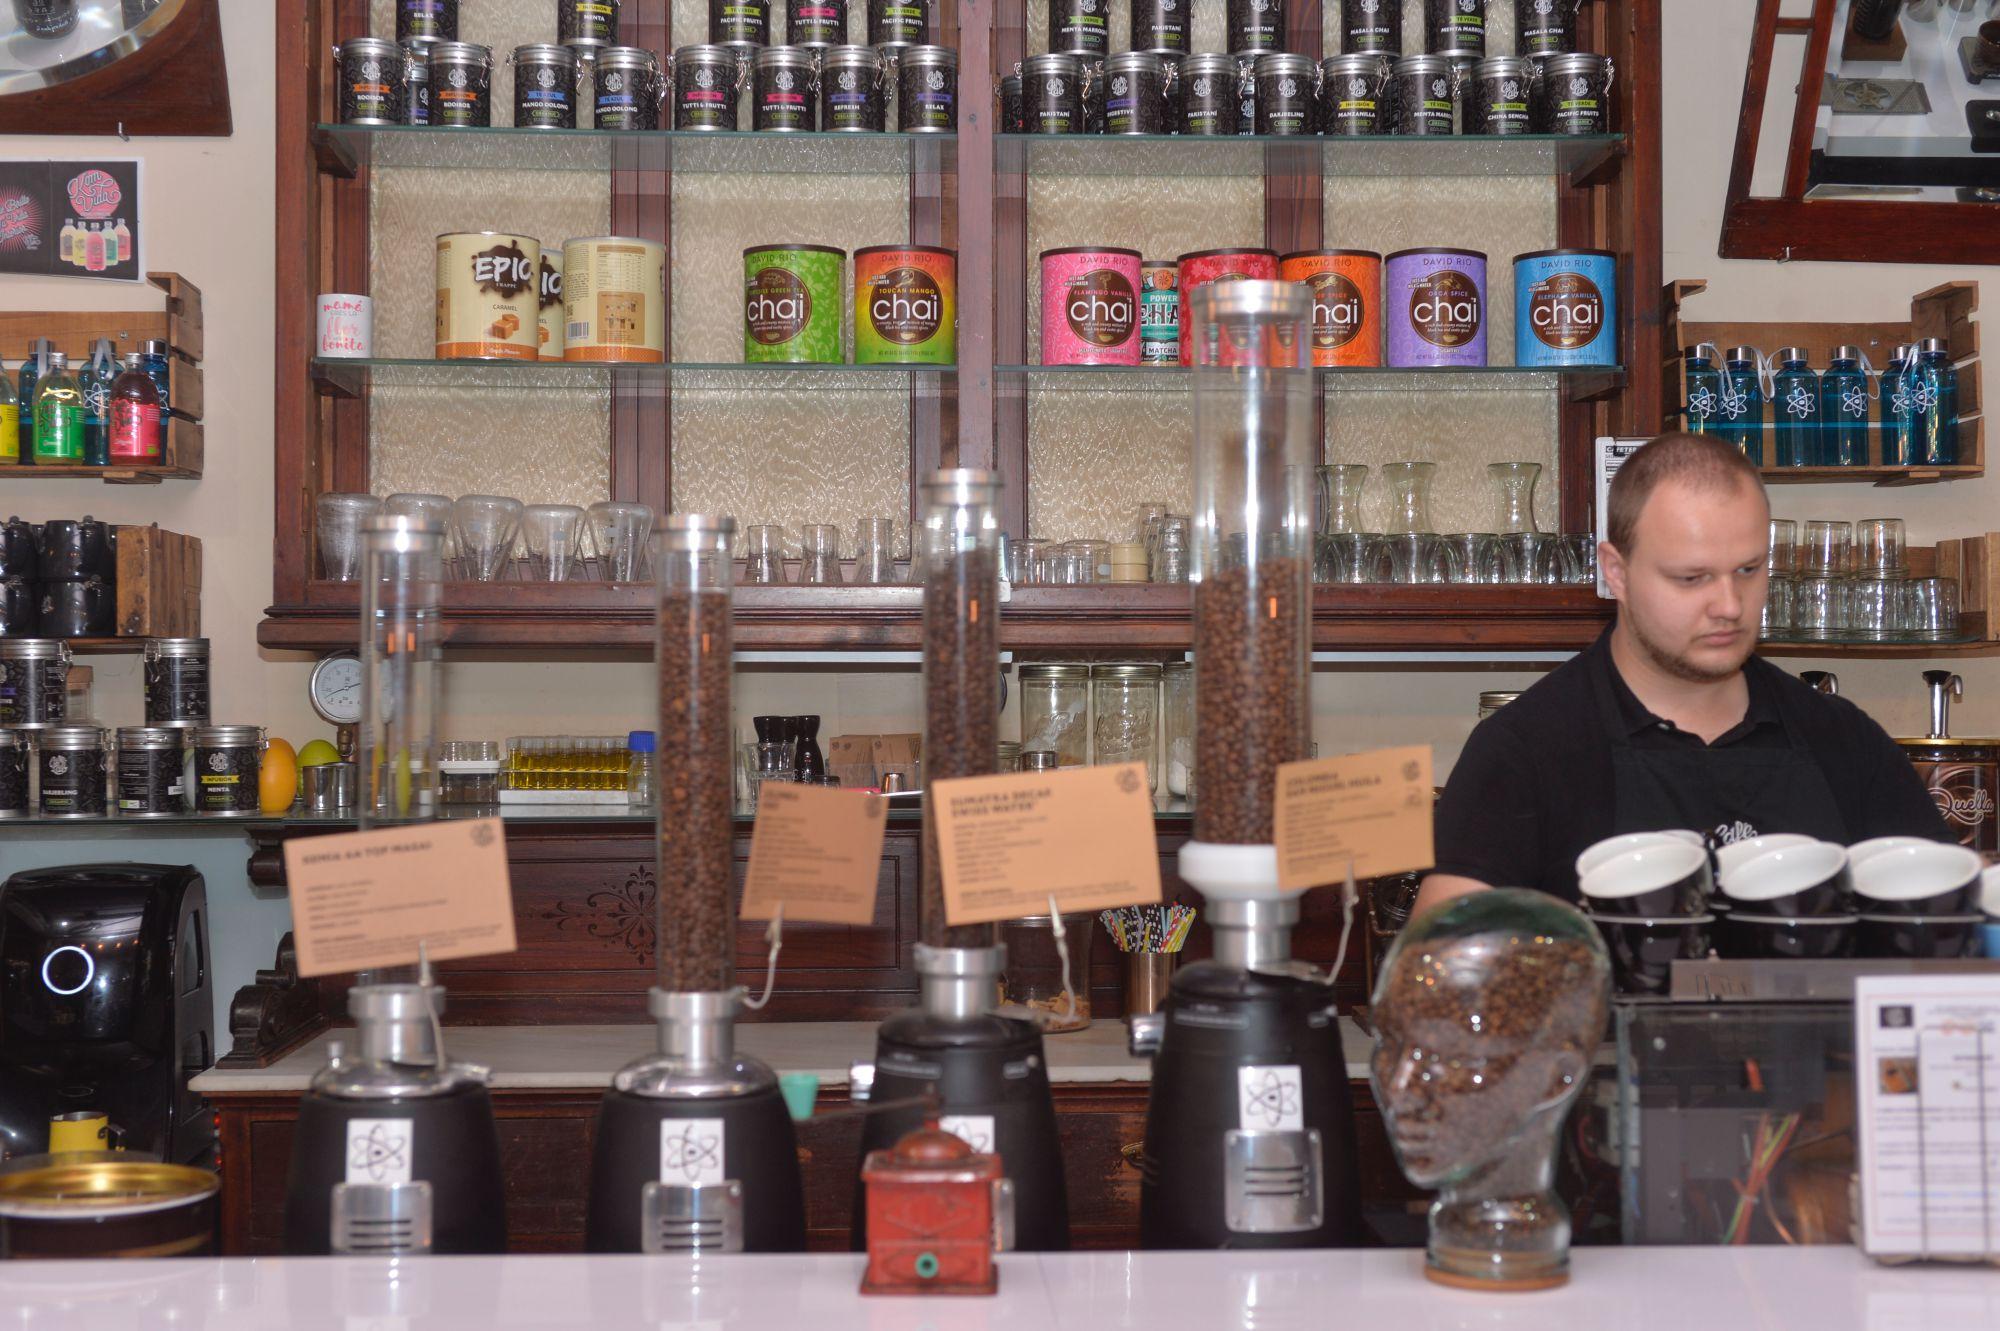 Café asiático de Cartagena (Murcia): interior de 'Cafés Bernal'